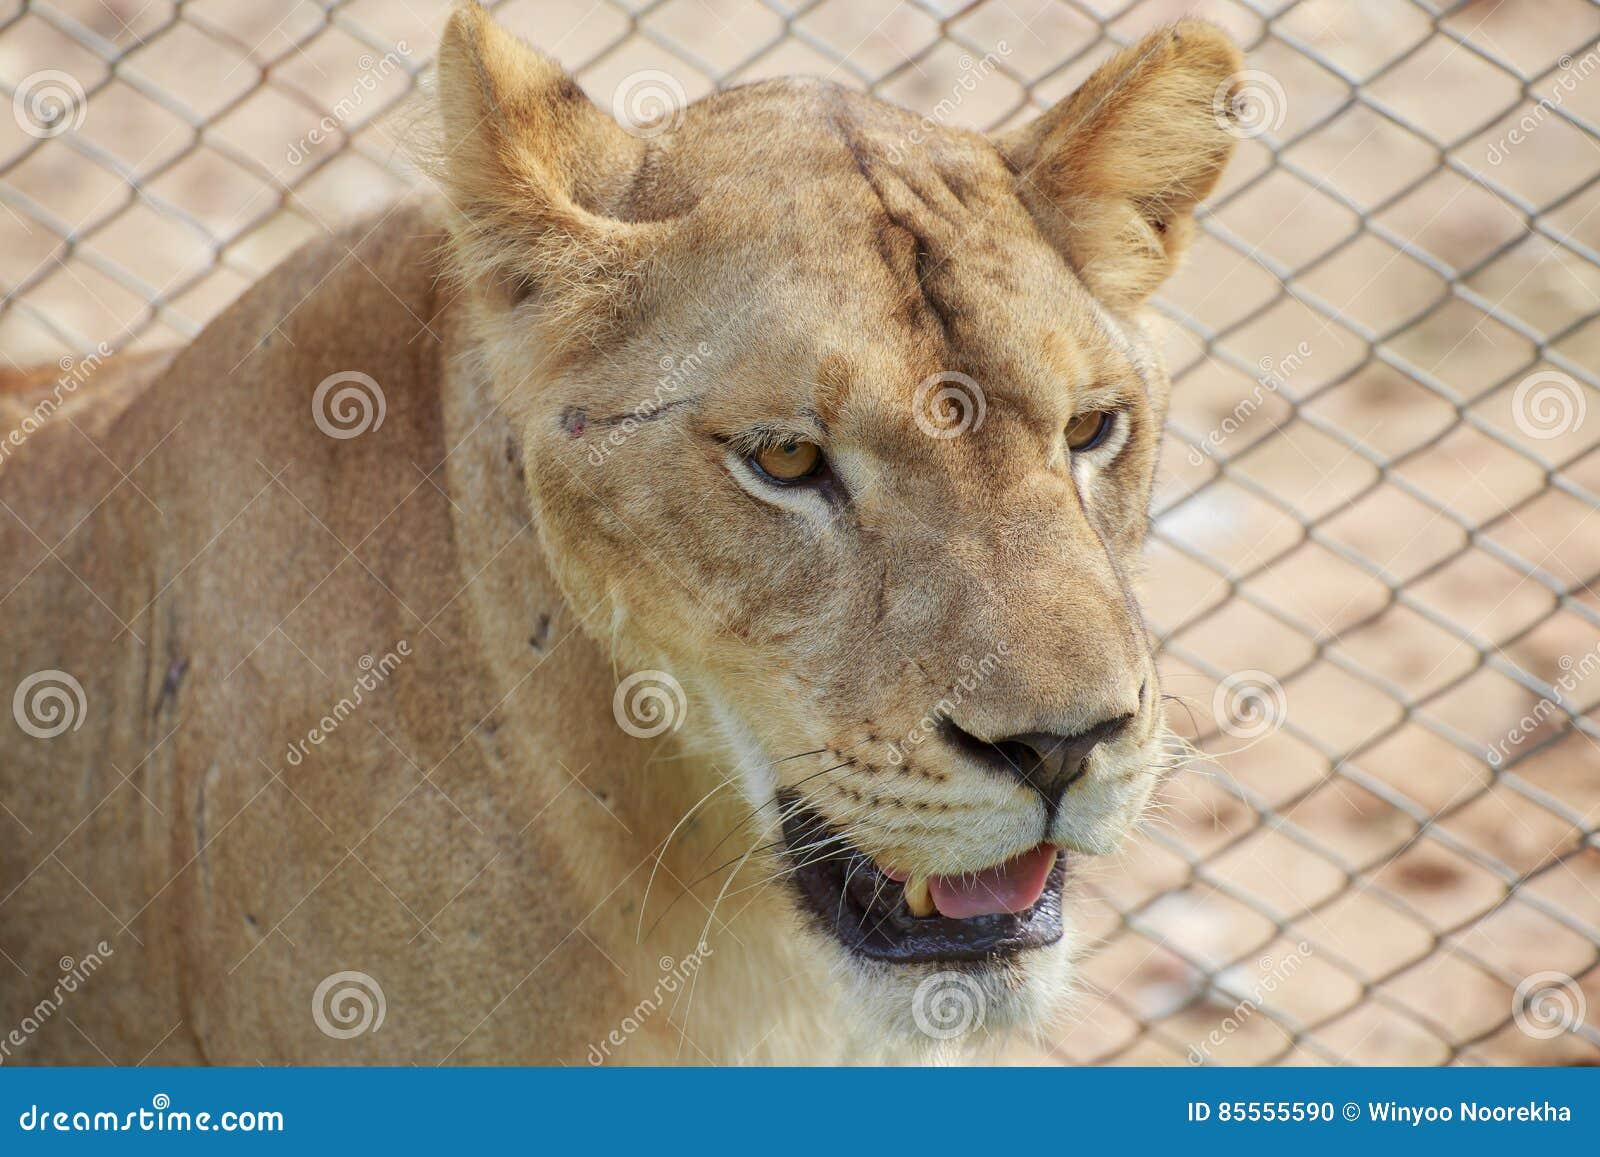 Der weibliche Löwe